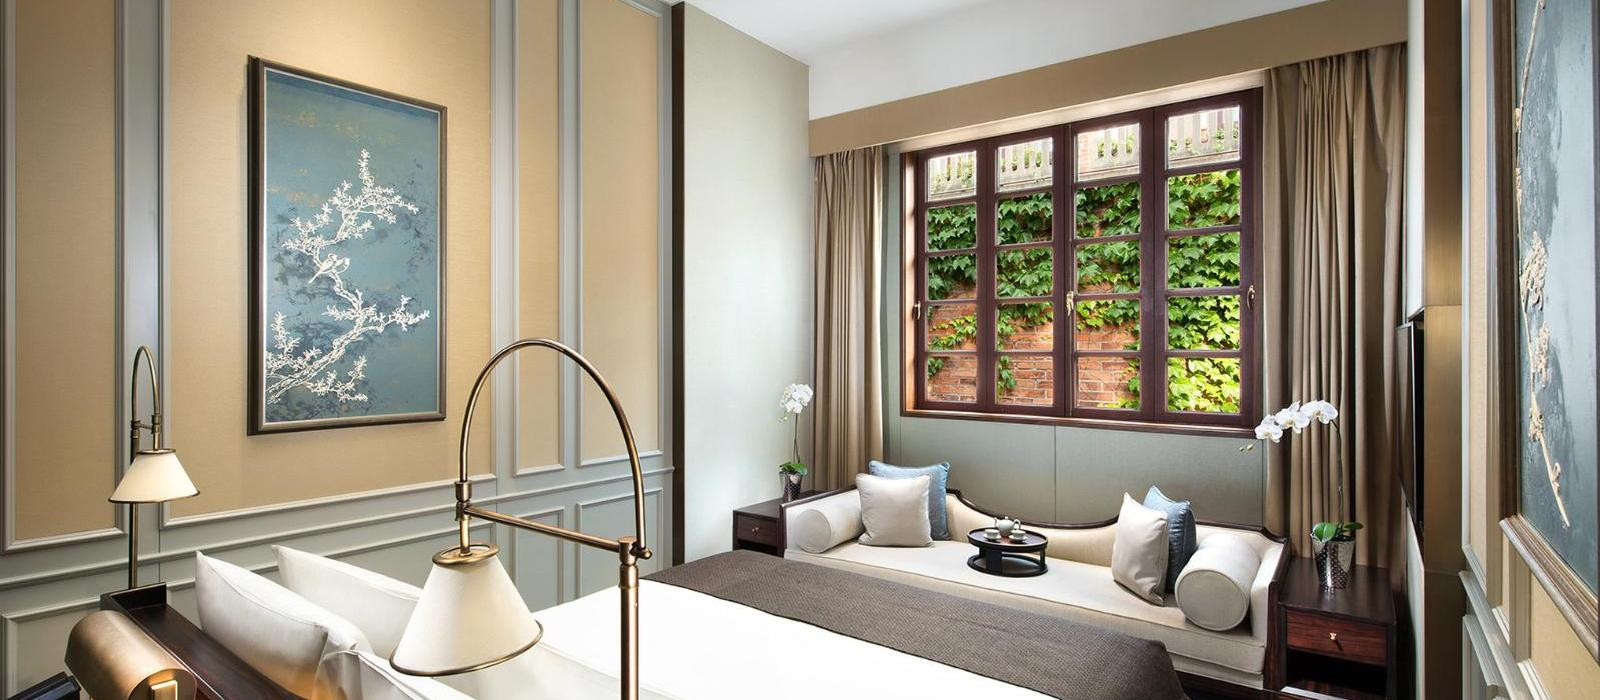 上海建业里嘉佩乐酒店(Capella Shanghai, Jian Ye Li) 图片  www.lhw.cn